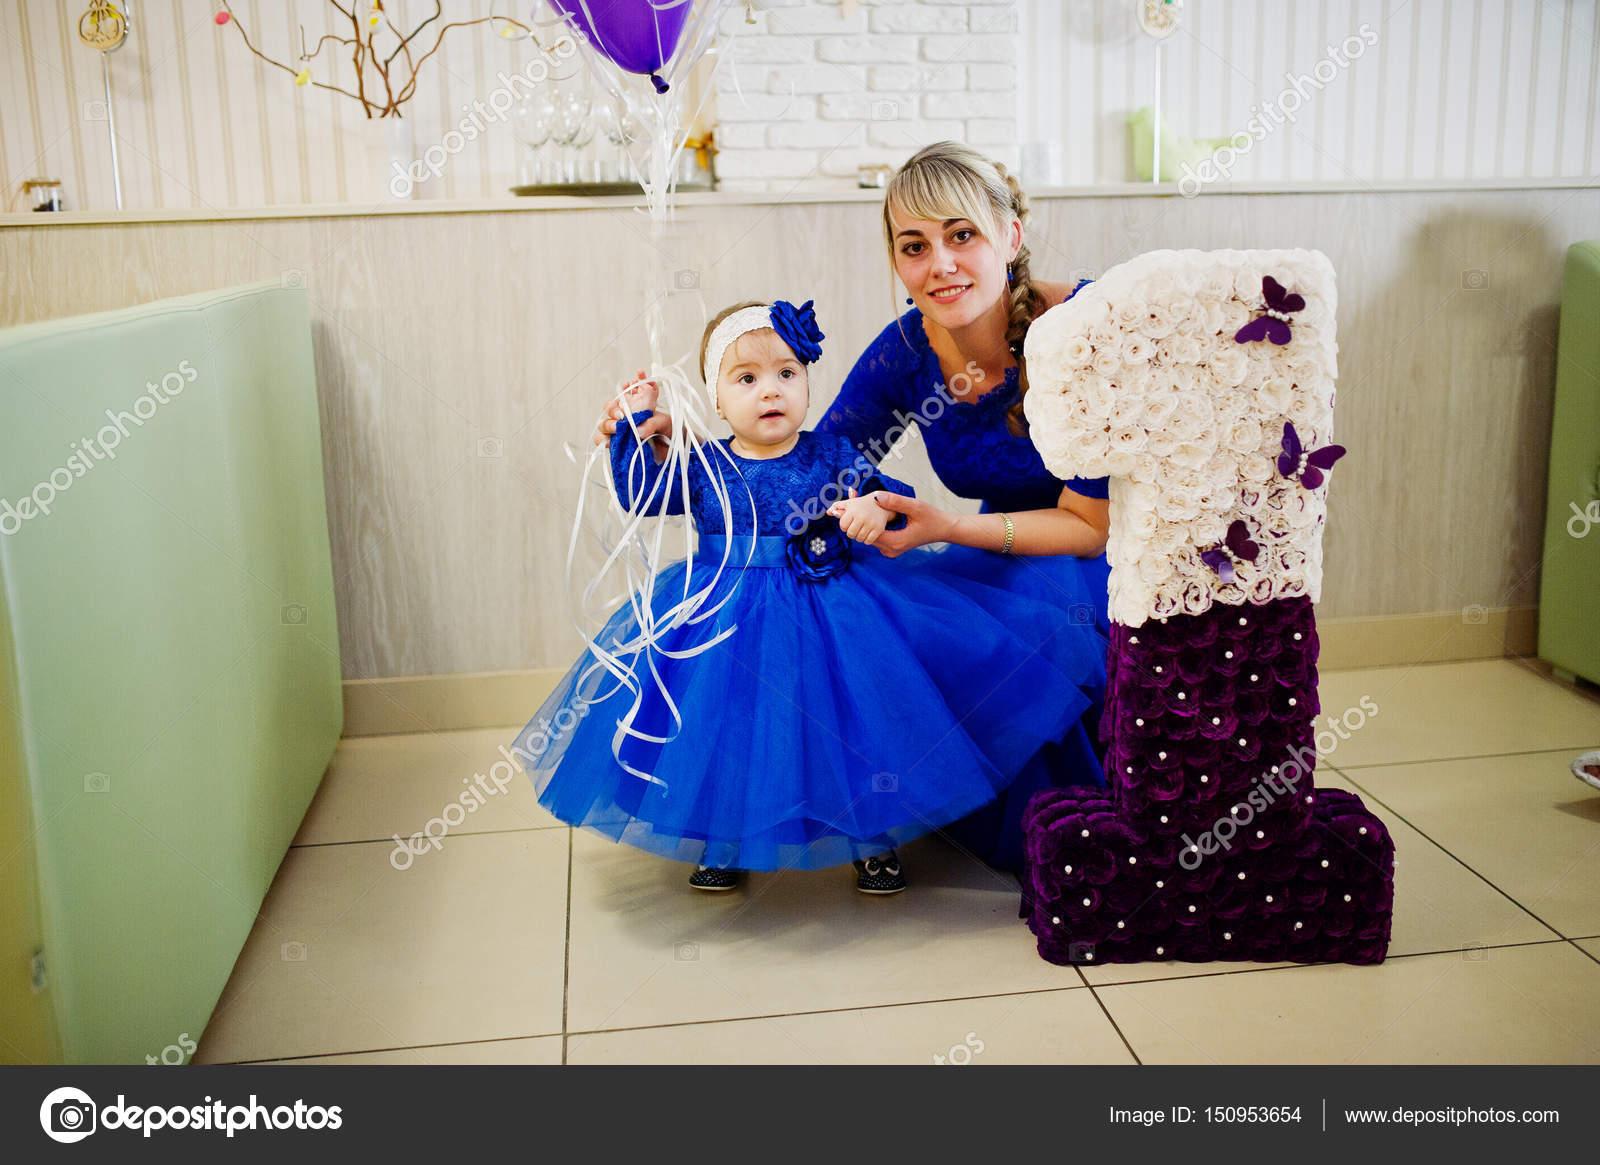 Imagenes Cumpleanos De Ninas 1 Ano Bebe Nina Linda En Vestido